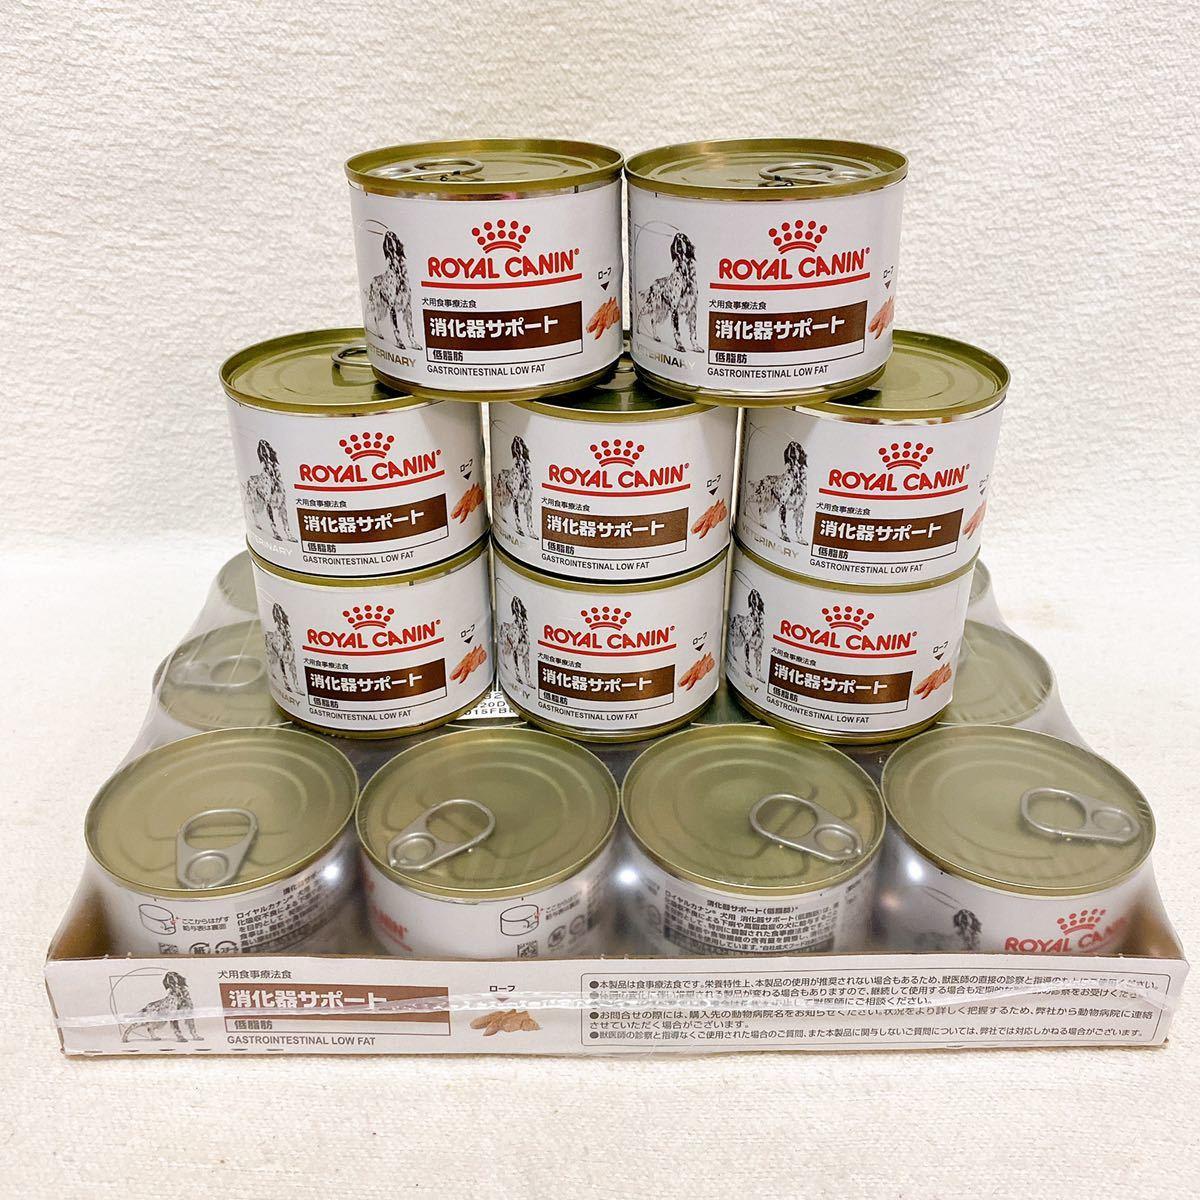 【新品】ロイヤルカナン 消化器 サポート 低脂肪 ローファット 消化 缶詰 缶 療法食 犬 用 ローフ hills ケア ドッグフード